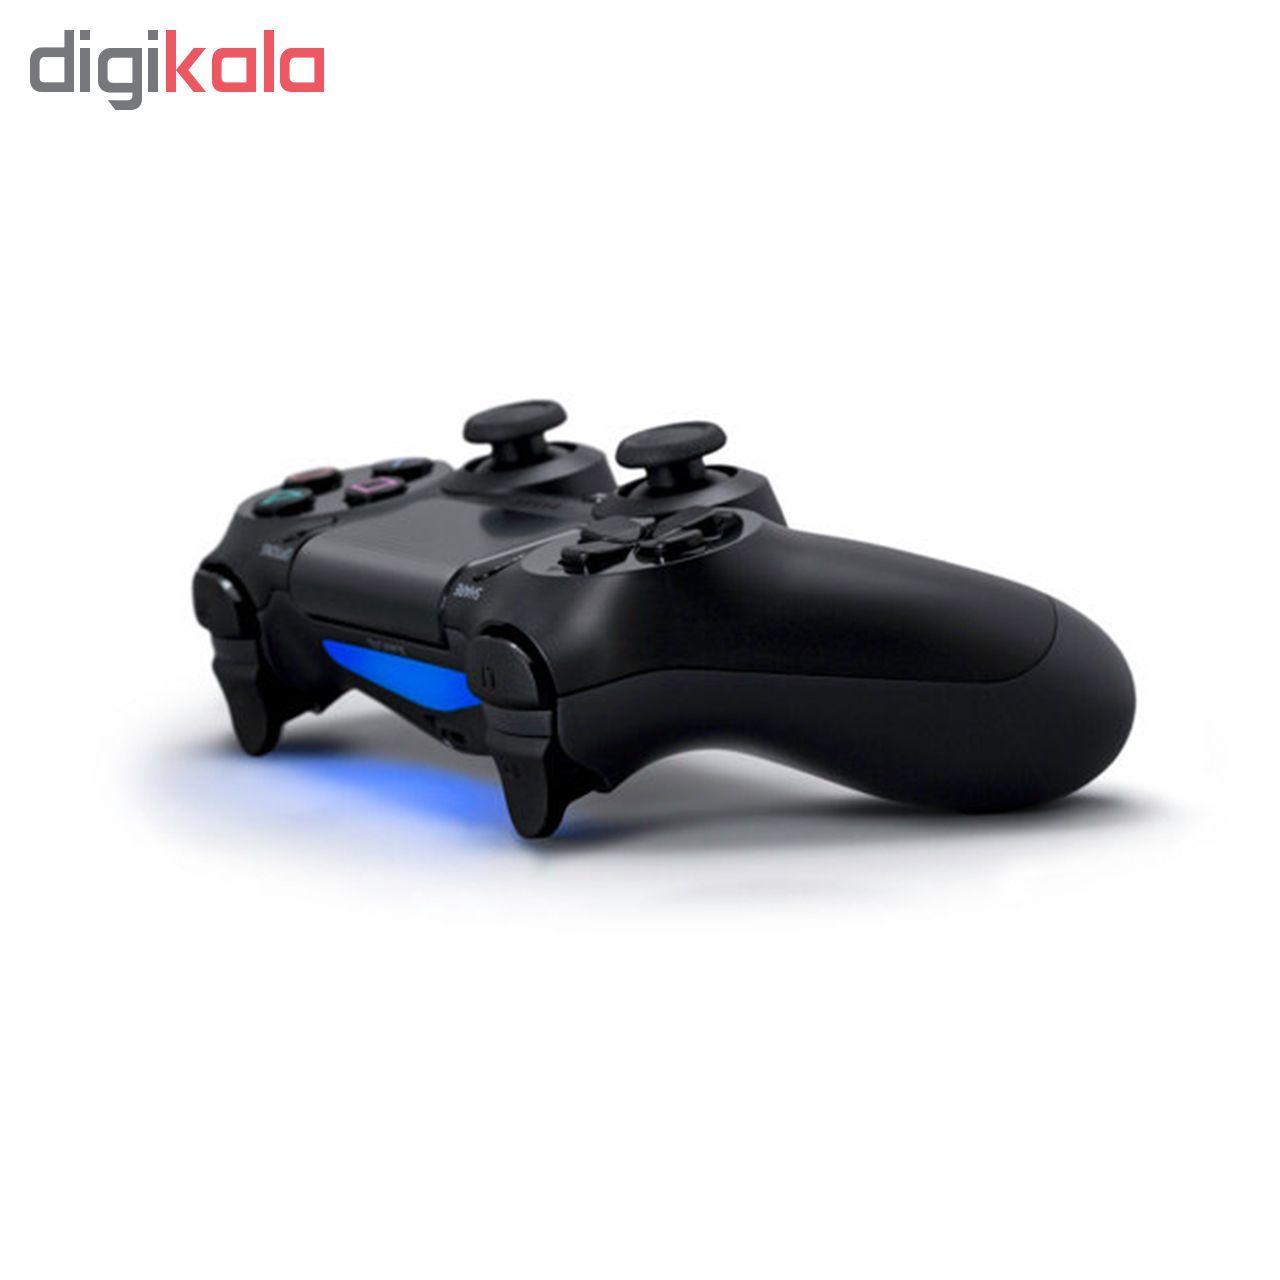 کنسول بازی سونی مدل Playstation 4 Slim کد Region 2 CUH-2216A - ظرفیت 500 گیگابایت main 1 8